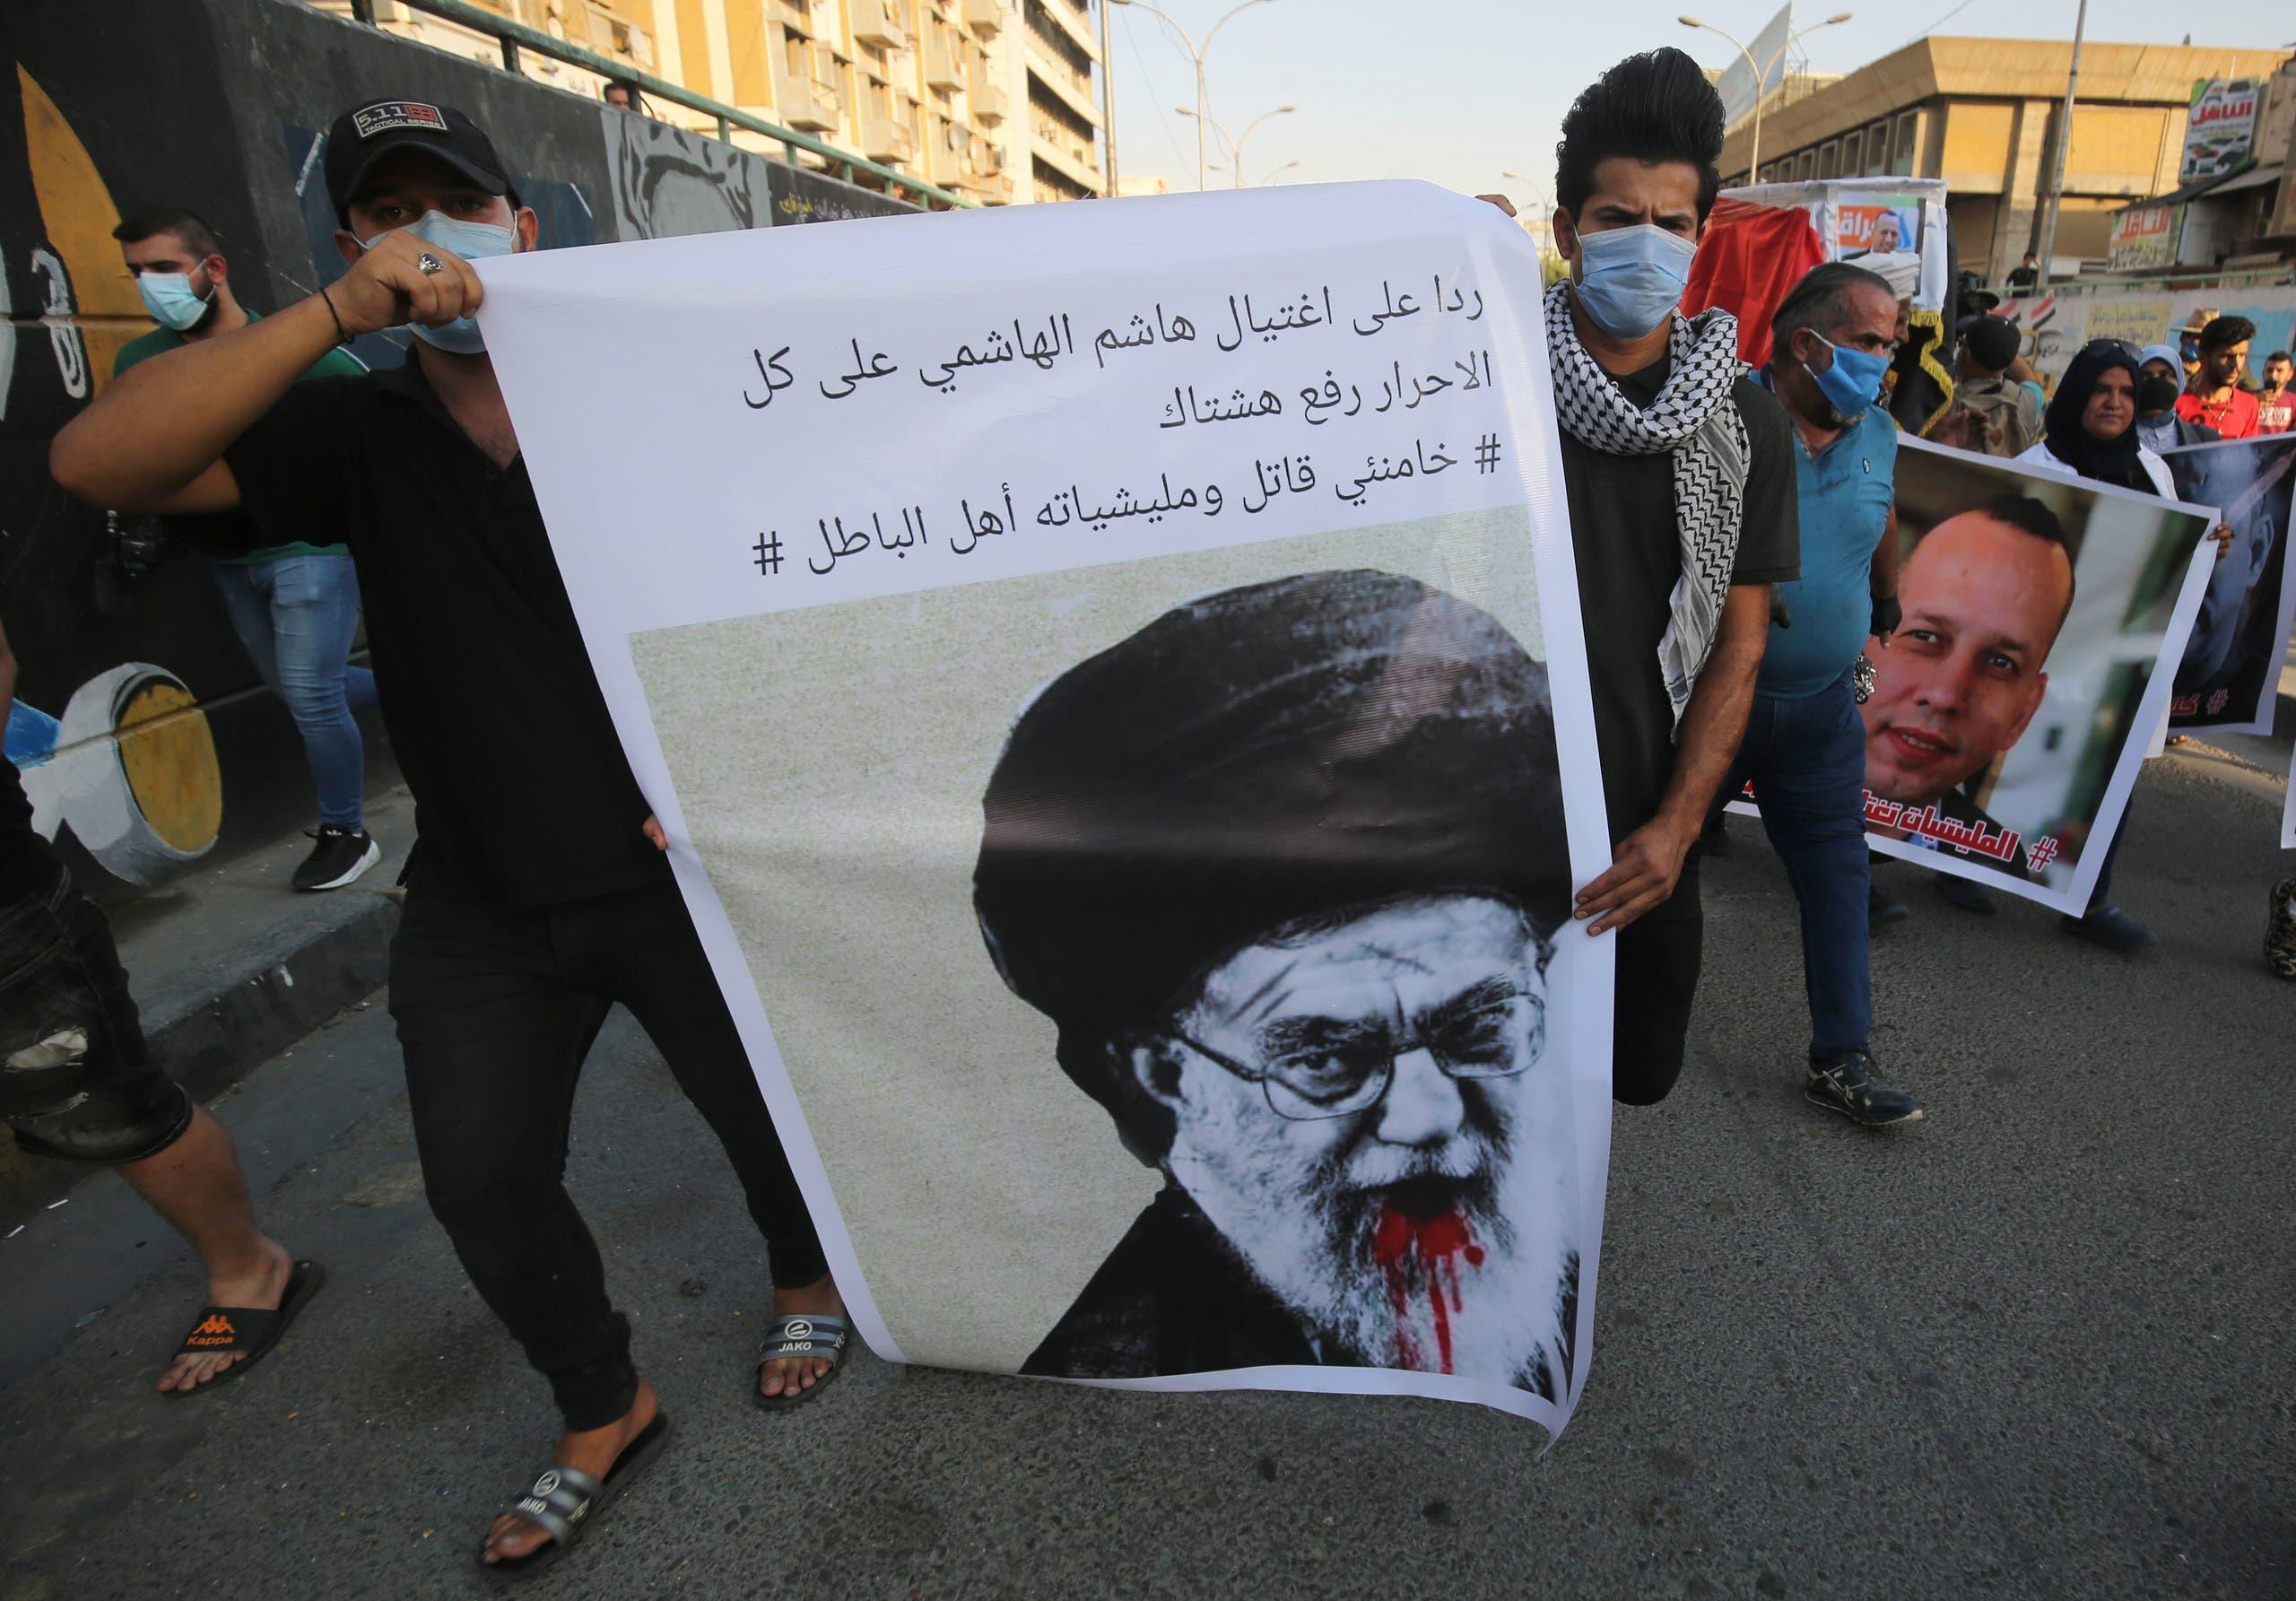 بين الكاظمي وفصائل إيران.. خيار قاس ومواجهة فتحت